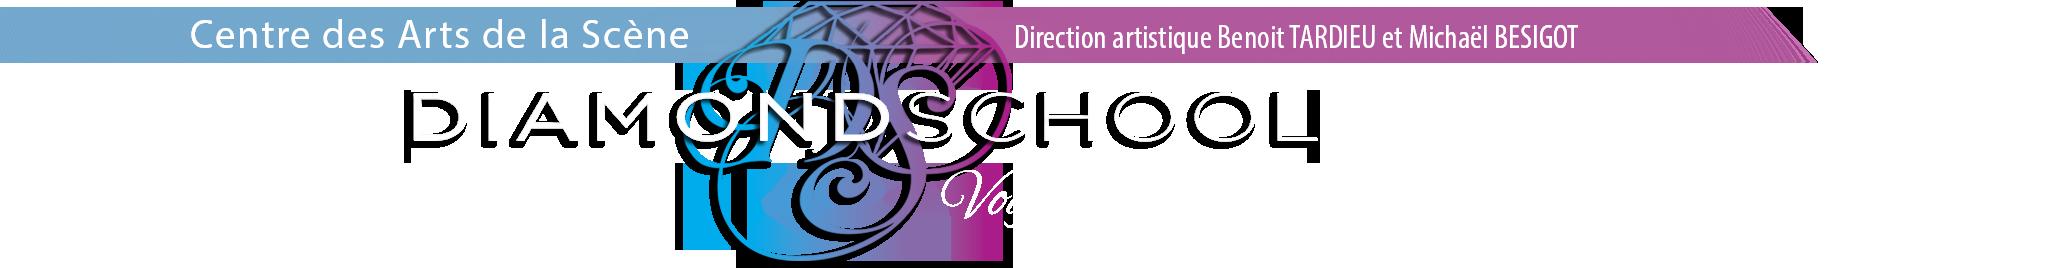 Diamond School Cannes – Ecole danse chant Cannes